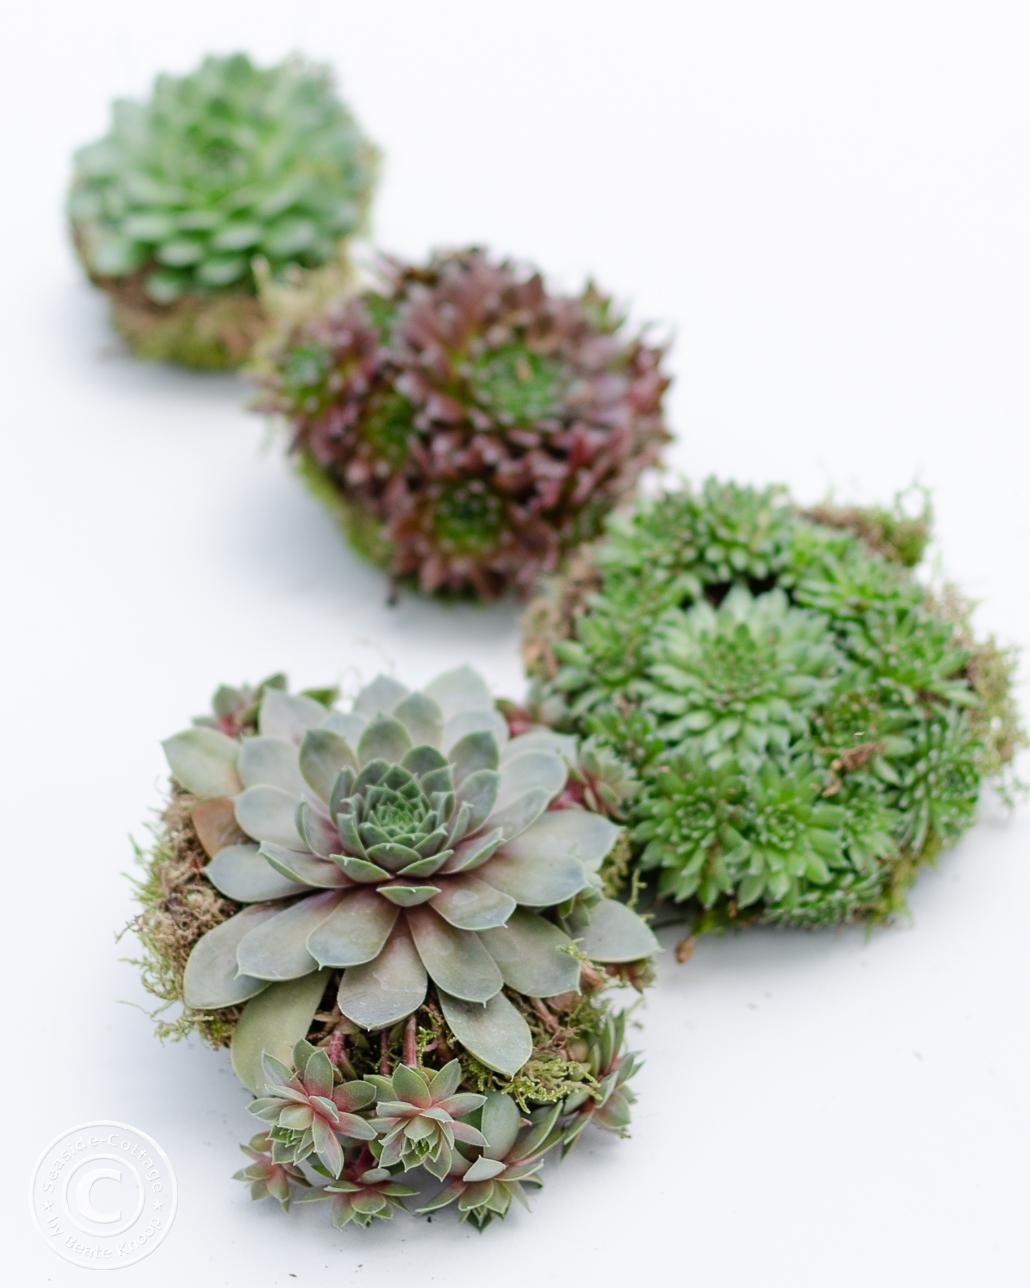 Vier Sempervivum Pflanzen auf weißem Untergrund, von vorne nach hinten unschärfer werdend